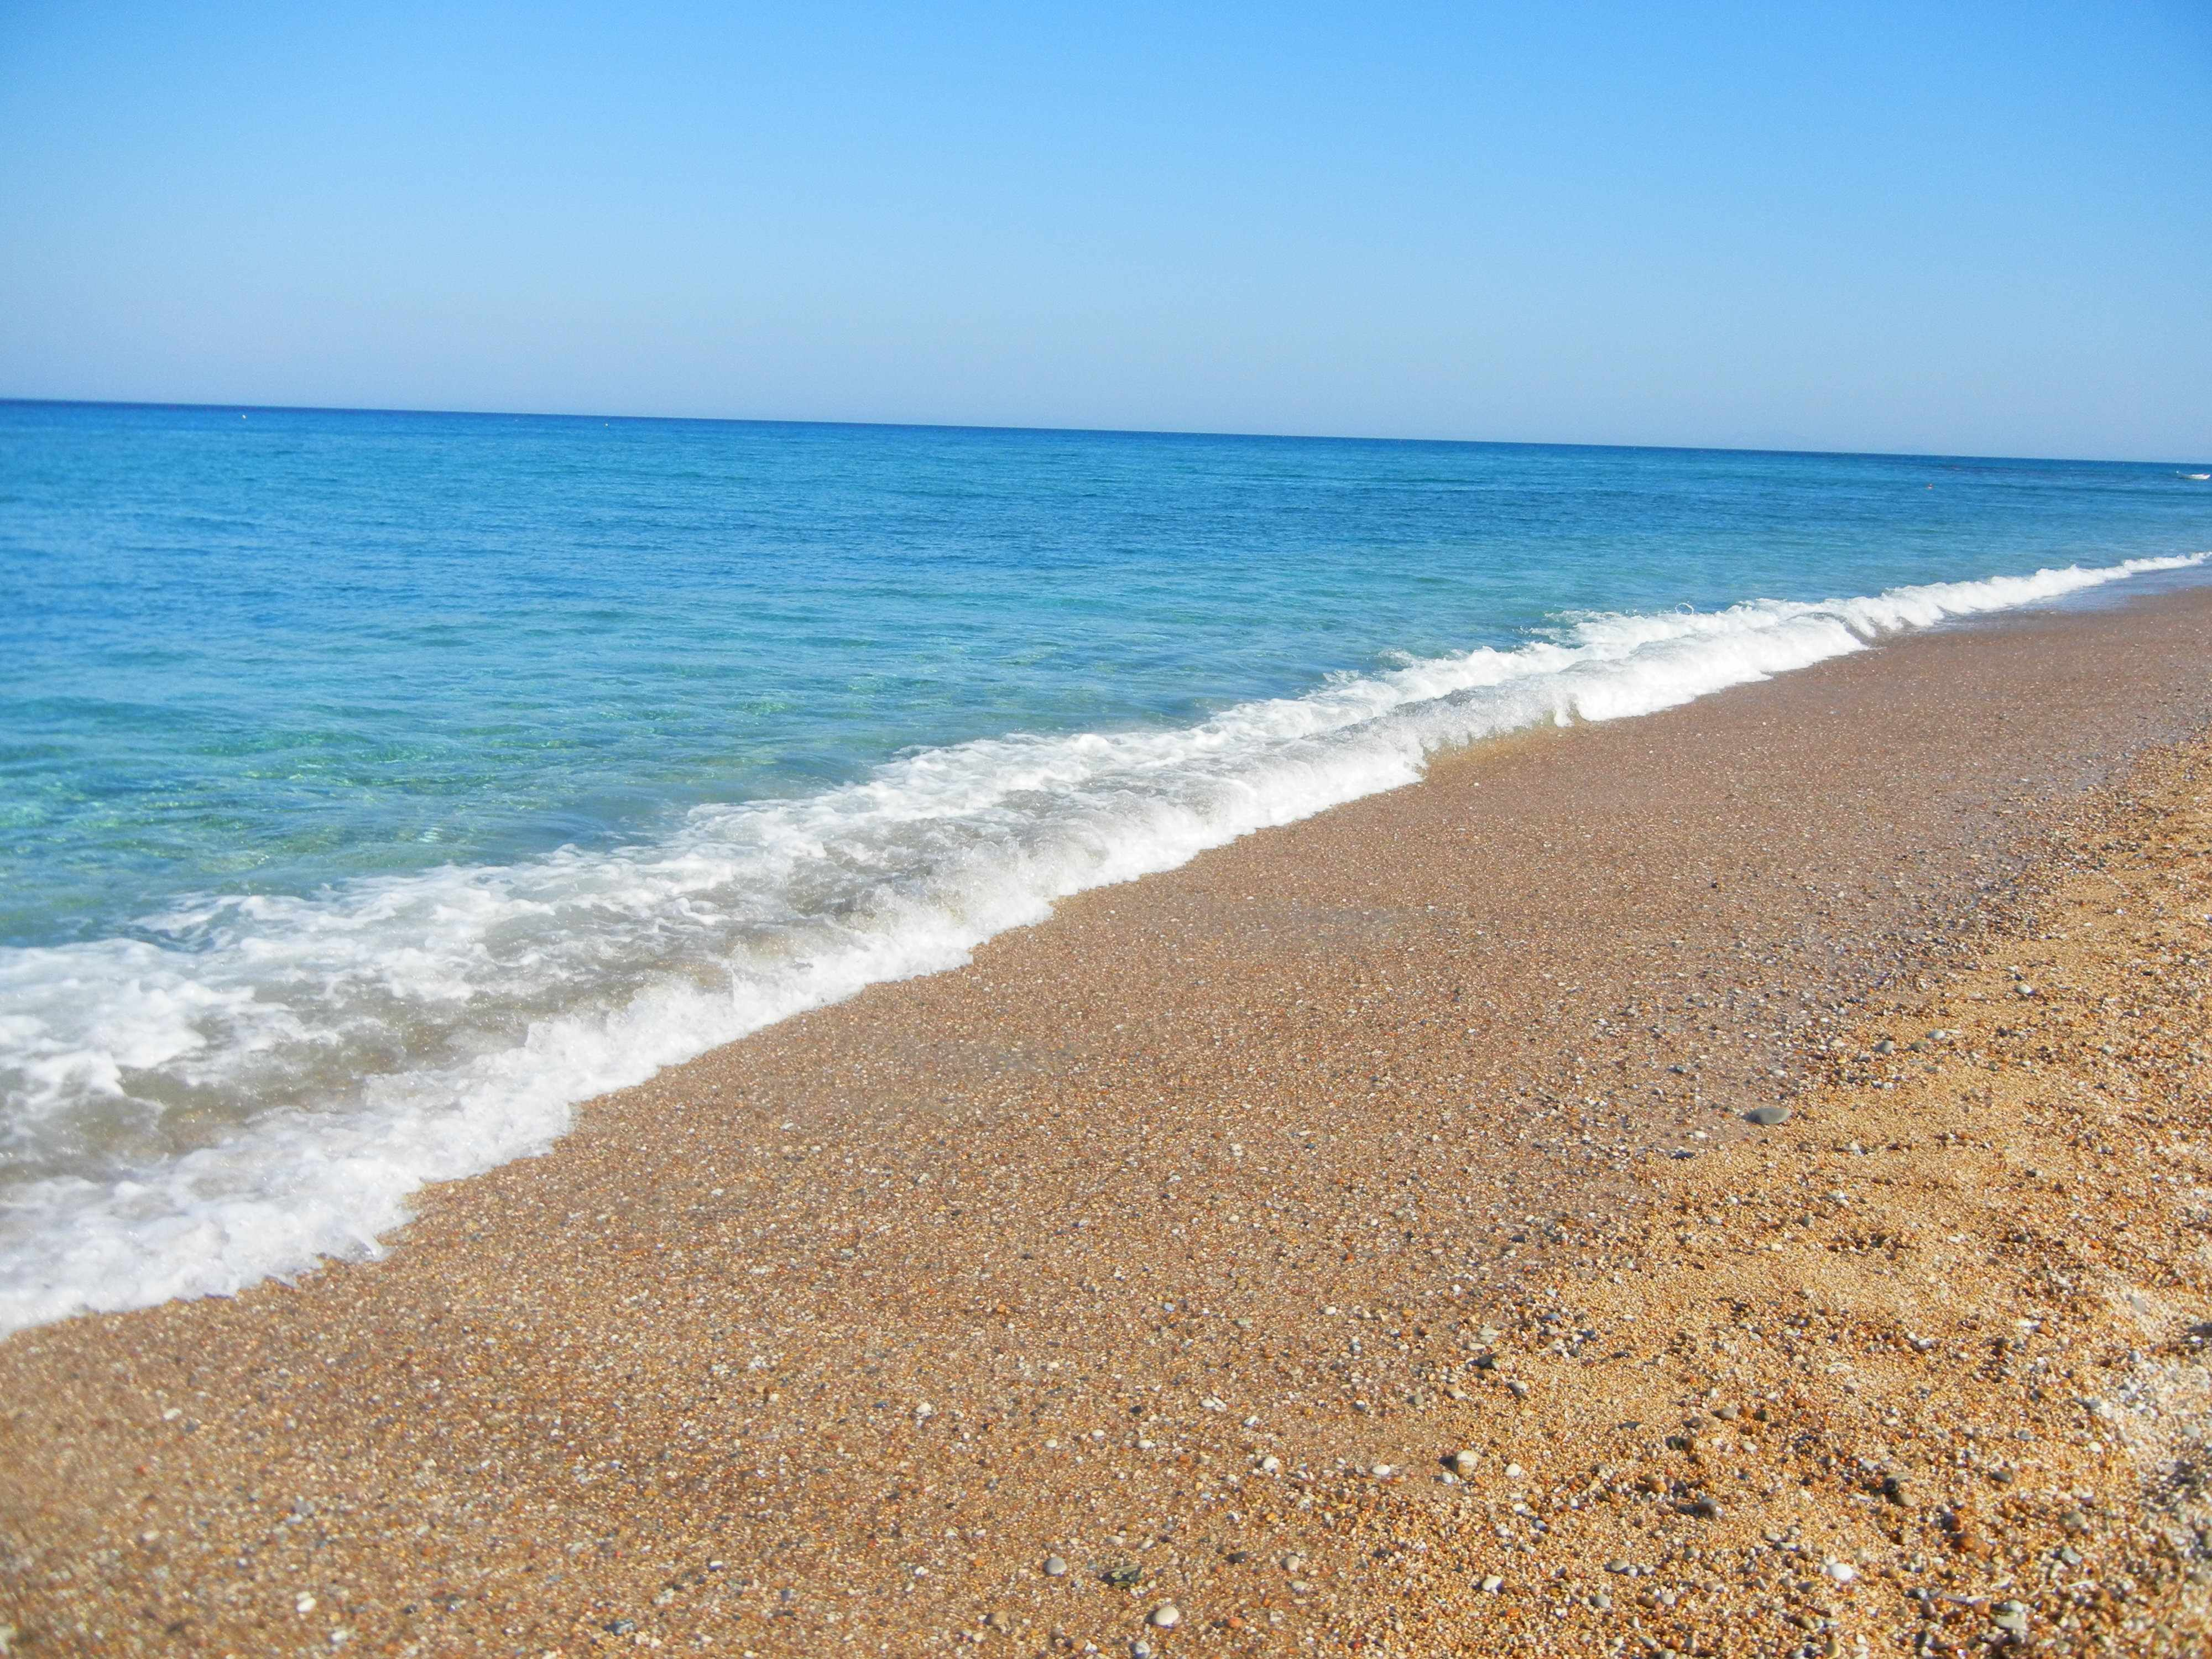 La mia vacanza a Cefalonia: consigli su cosa vedere e cosa fare - Io ...